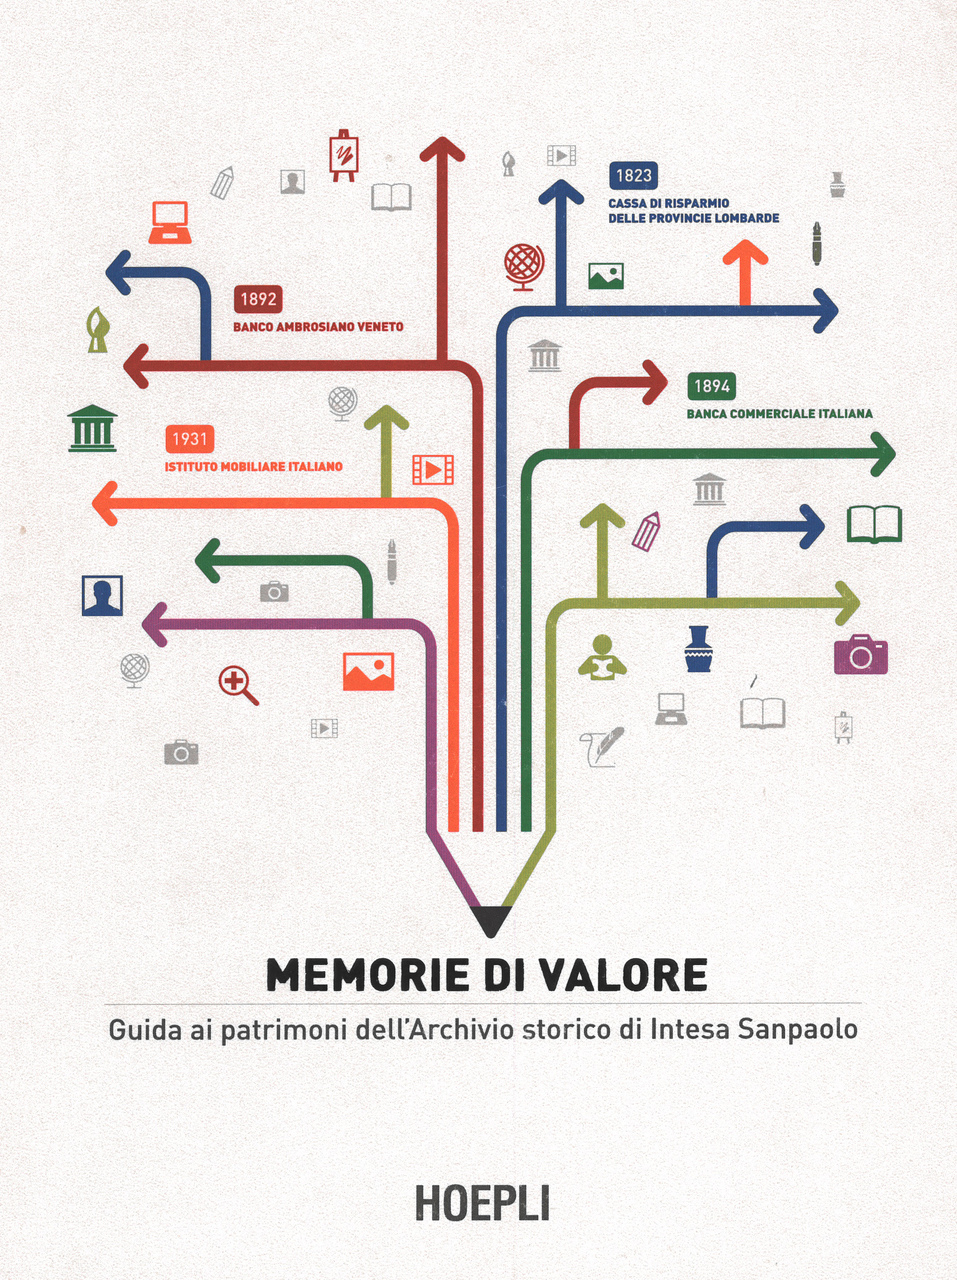 PINO Francesca, MIGNONE Alessandro, Memorie di valore. Guida ai patrimoni dell'Archivio storico di Intesa Sanpaolo, Hoepli, Milano, 2016